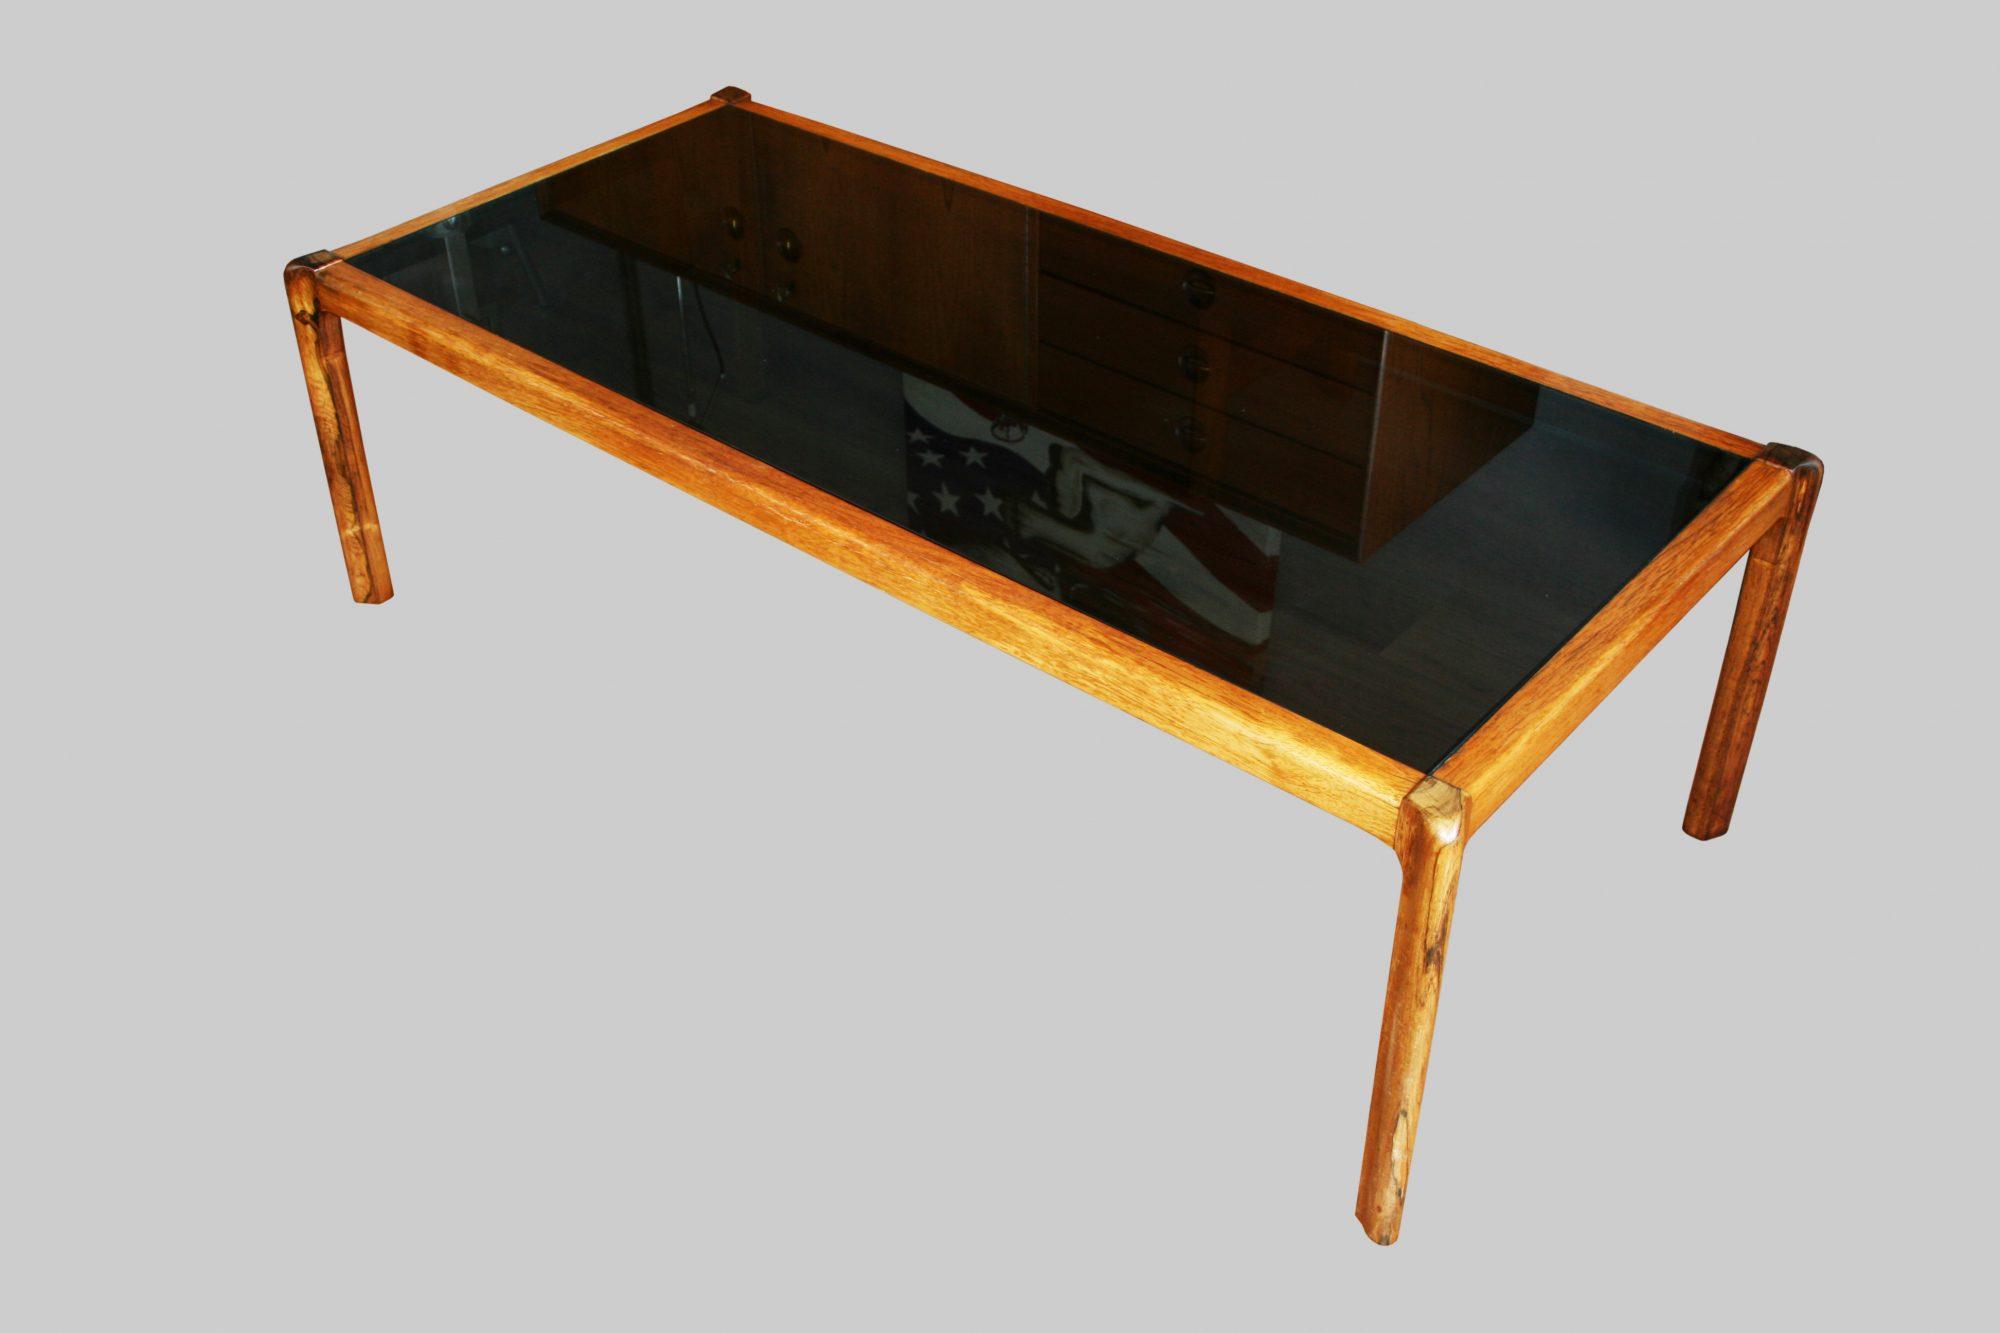 couchtisch ohne ecken stunning gallery of designtisch couchtisch weis holz metall rund carl. Black Bedroom Furniture Sets. Home Design Ideas